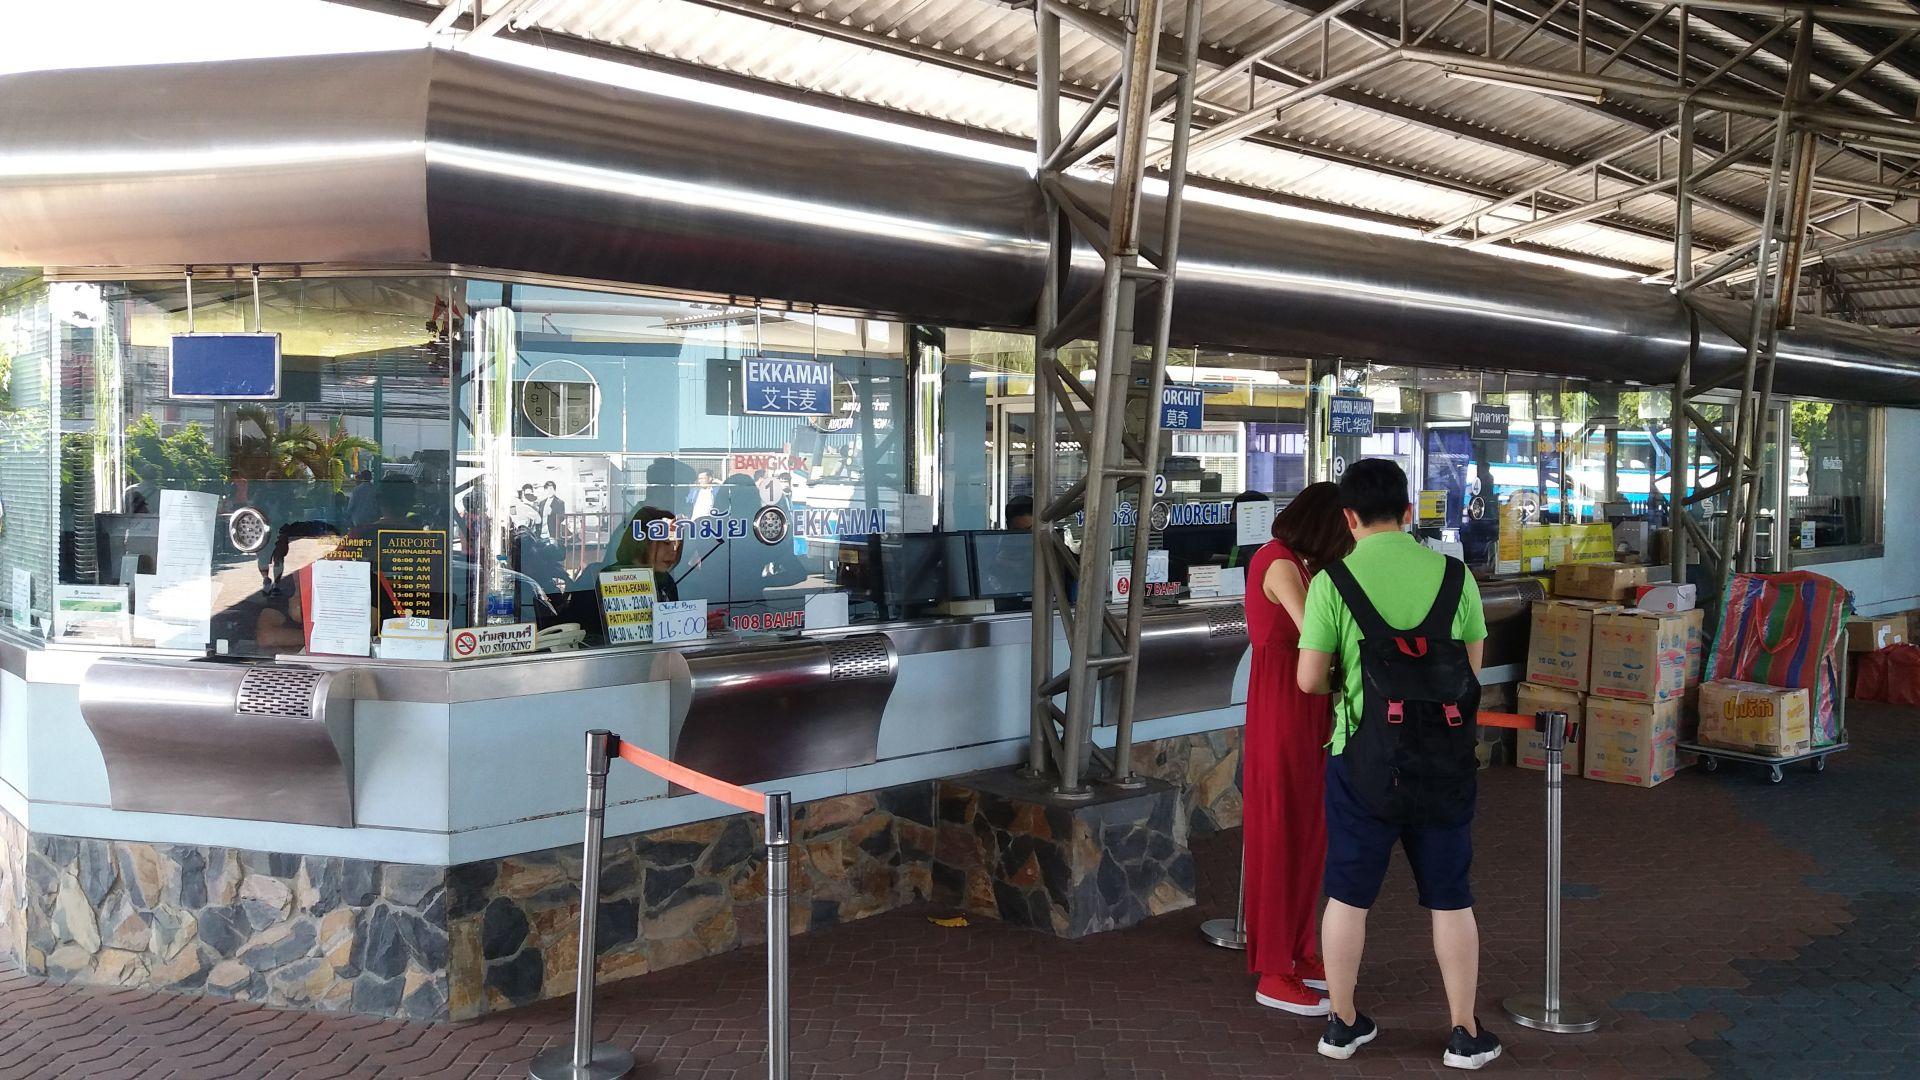 Kasa biletowa na dworcu w Pattaya.